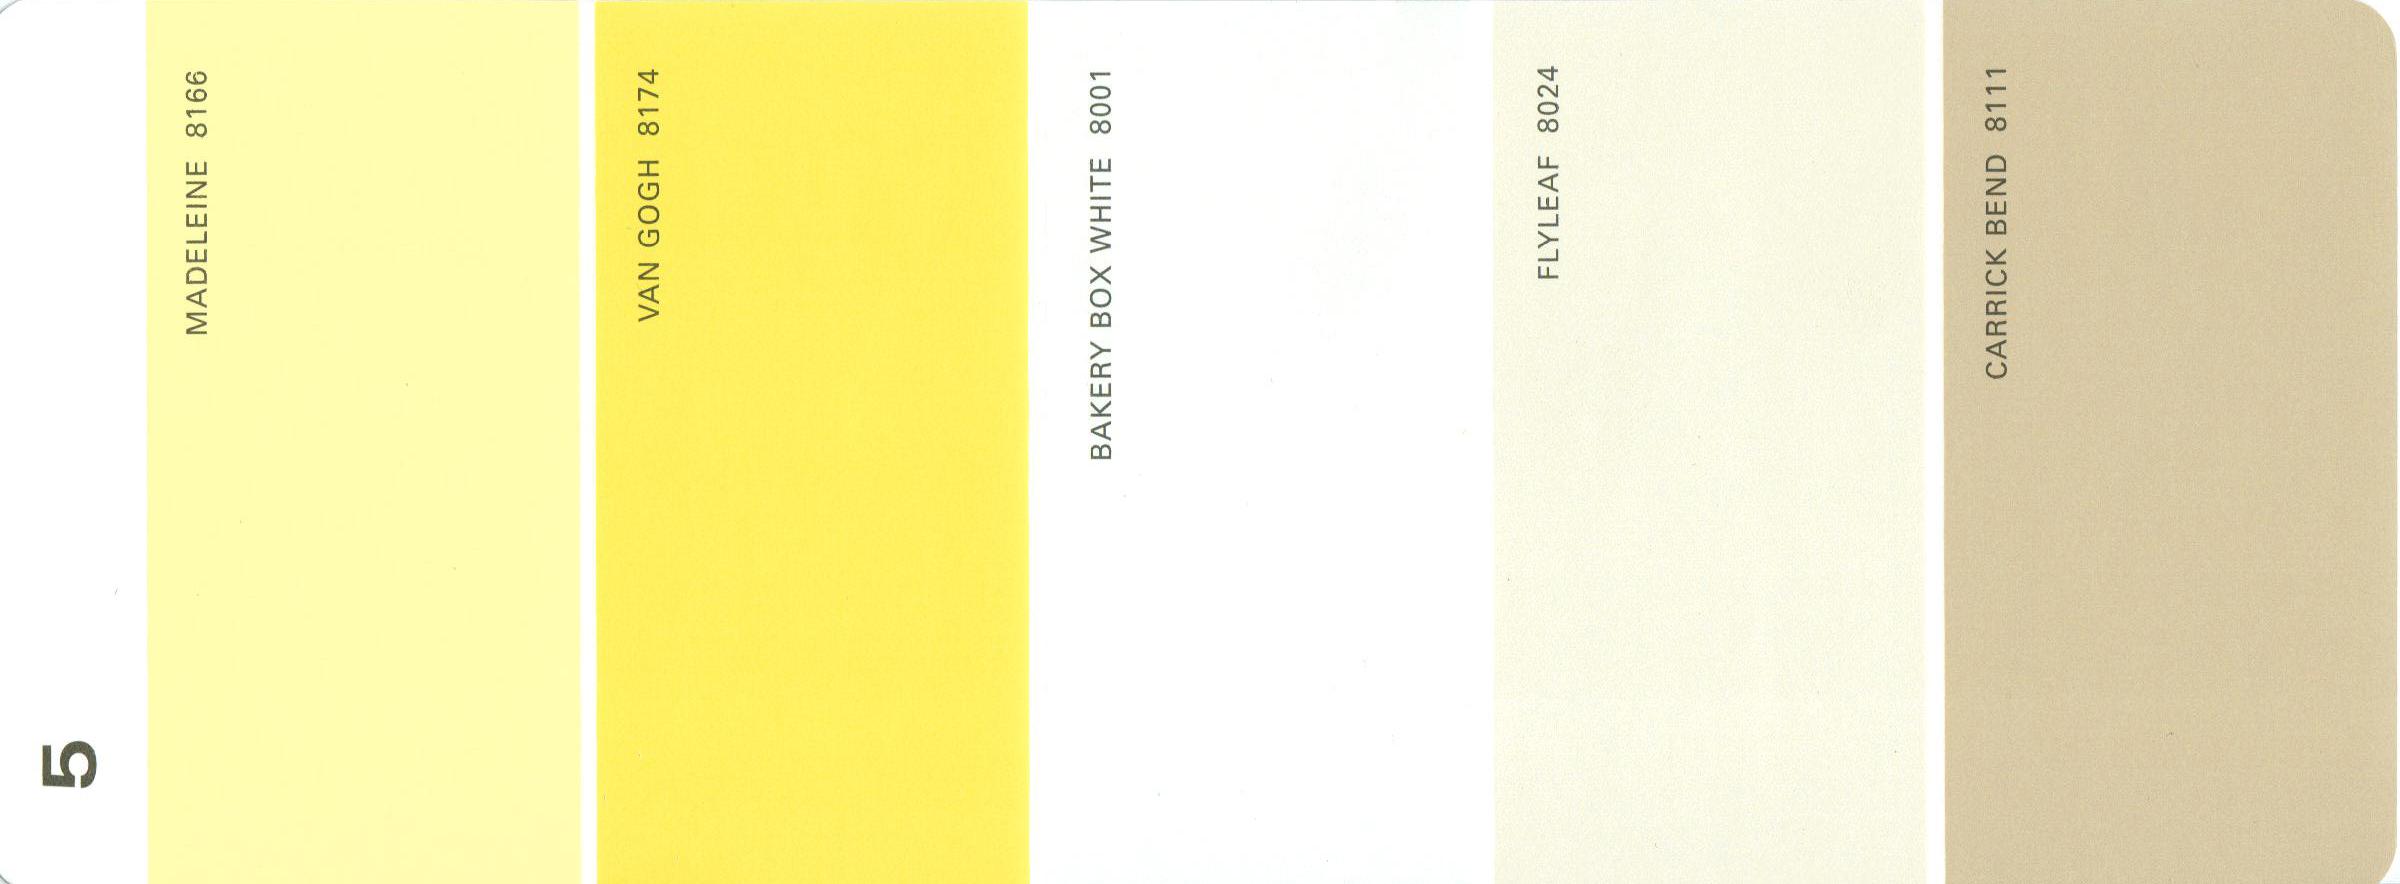 Martha stewart paint 5 color palette card 05 for Lrv paint color chart